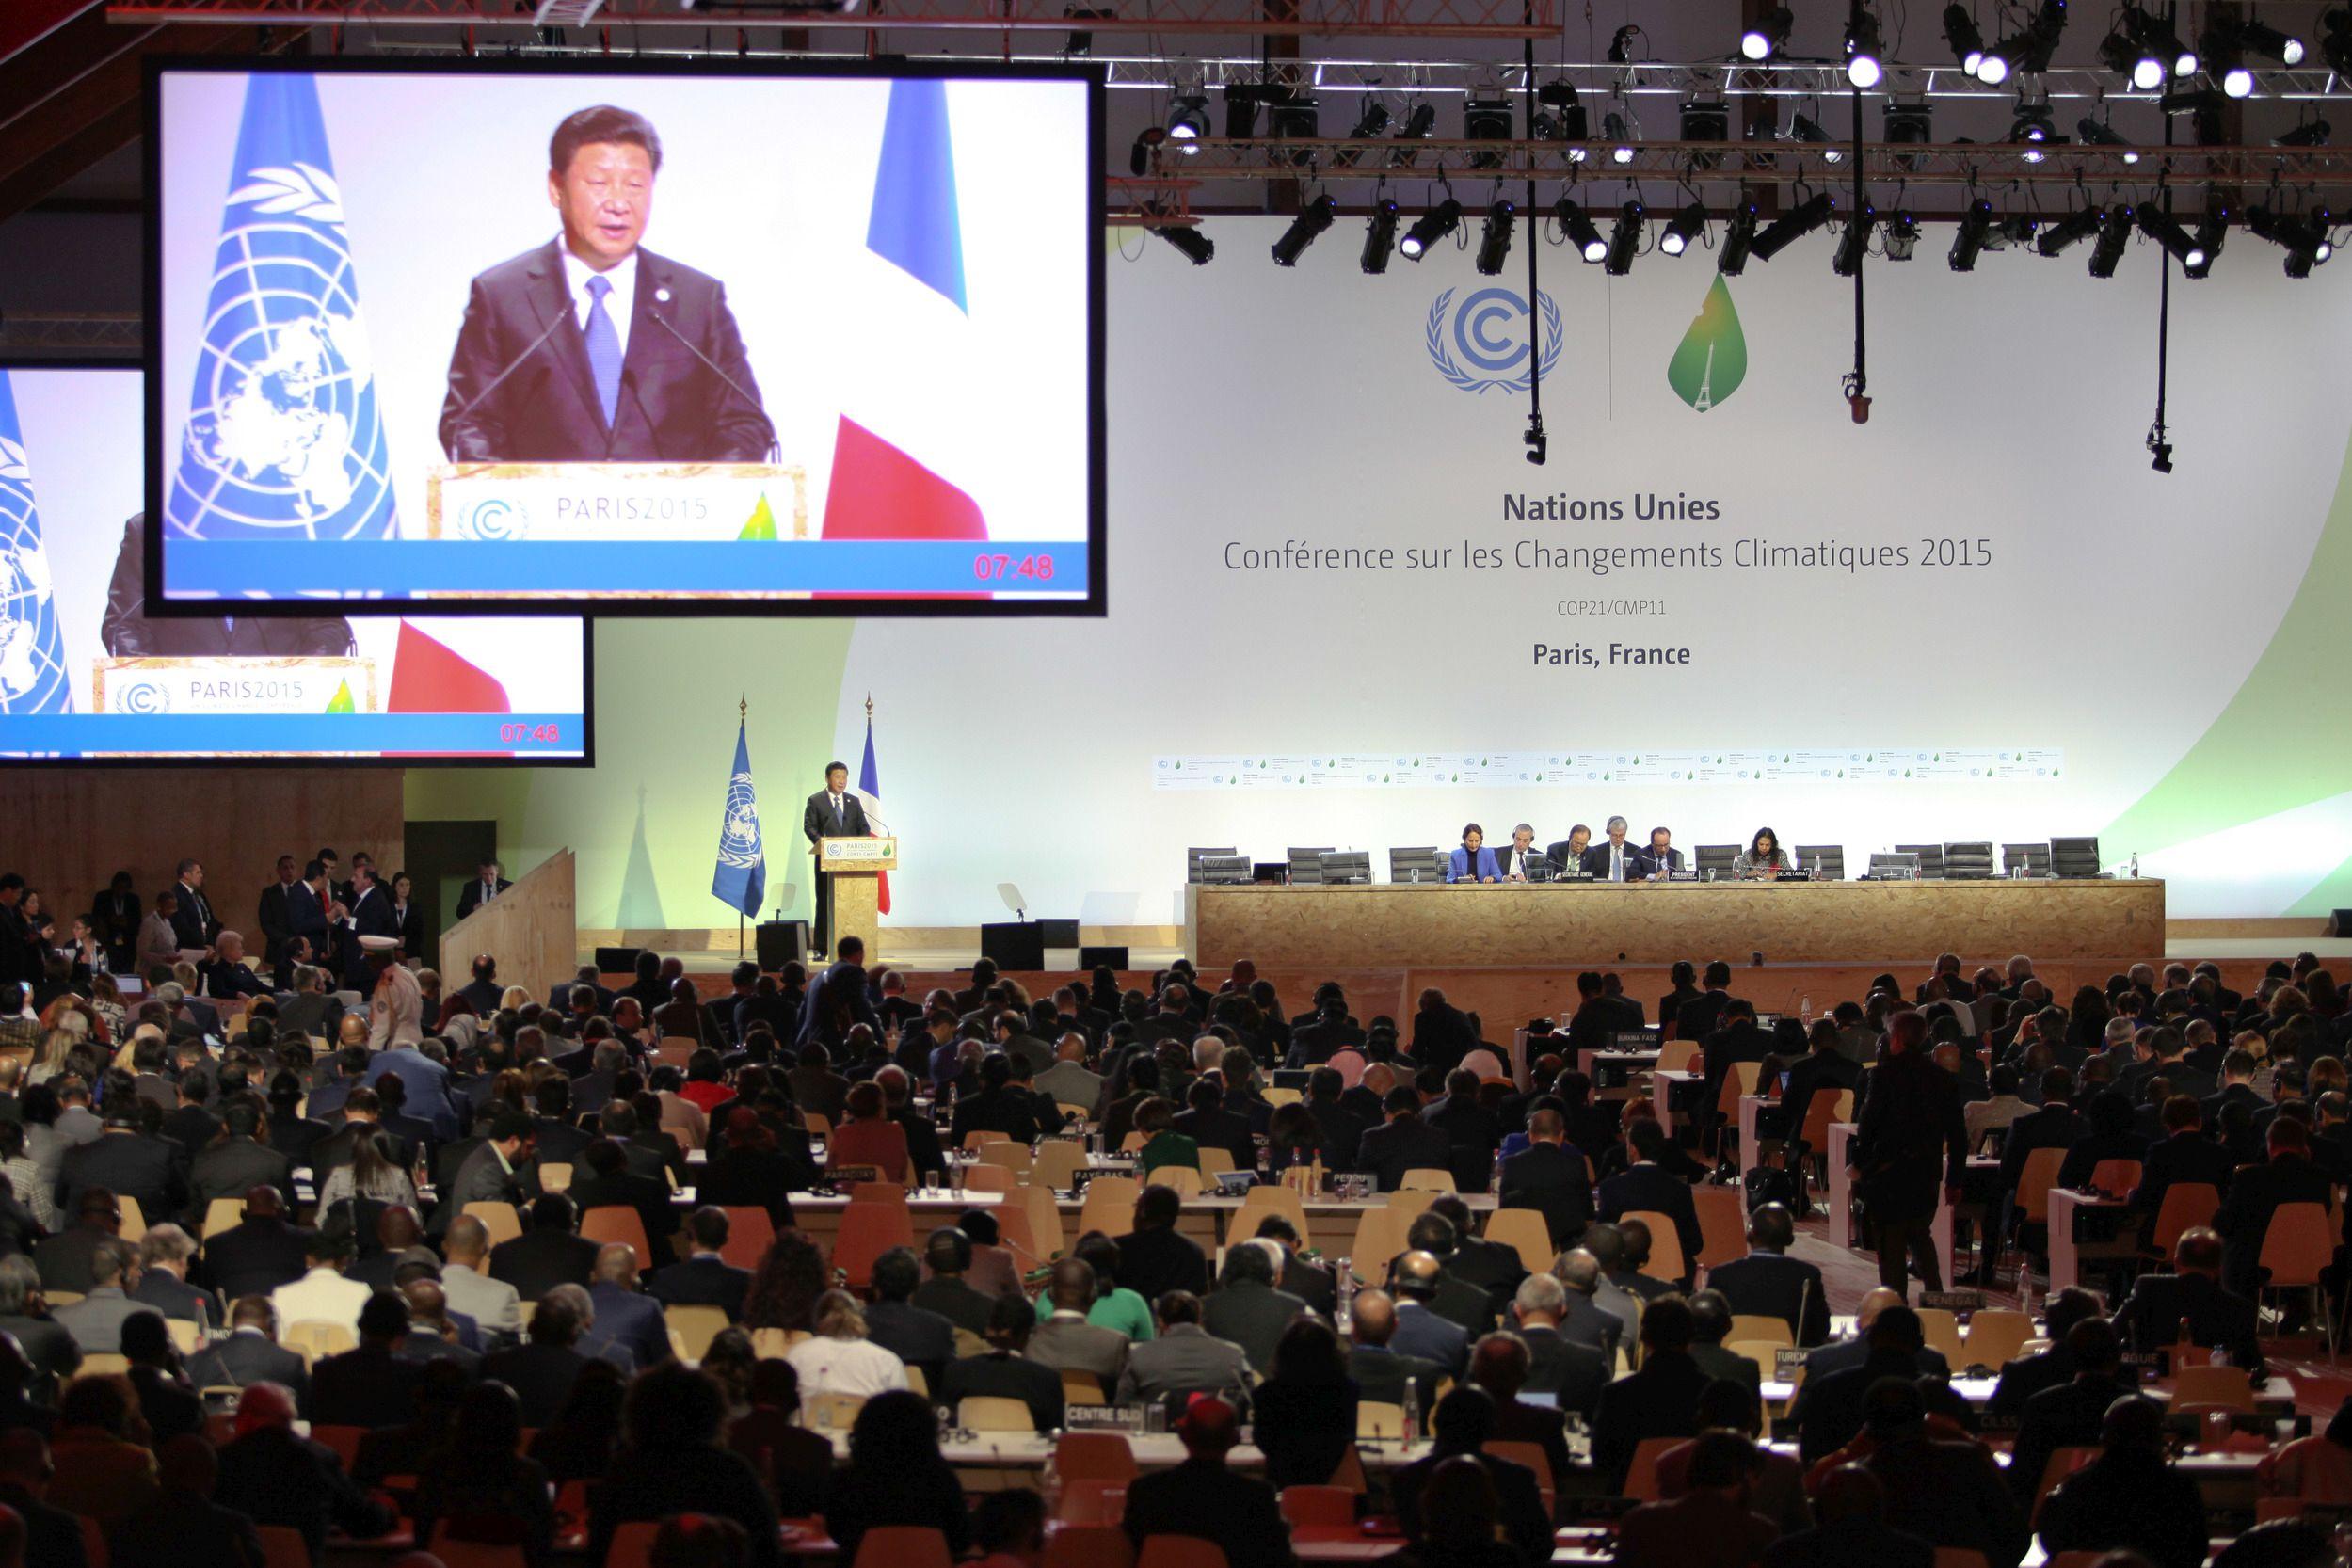 Podium der 21. Klimaschutzkonferenz in Paris 2015